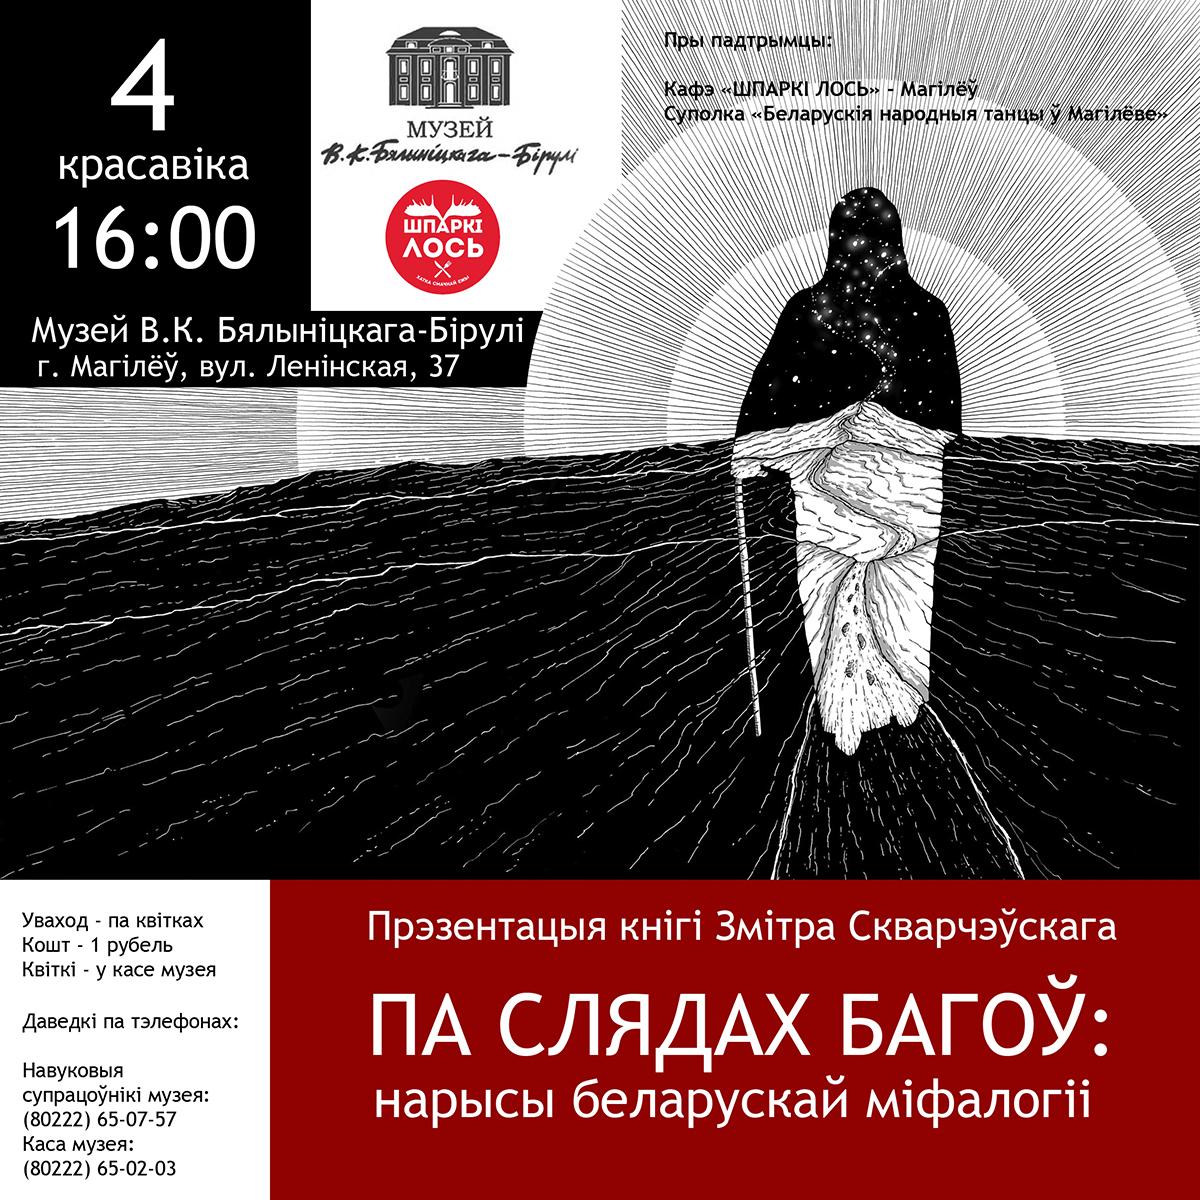 Могилевчан приглашают напрезентацию книги Дмитрия Скворческого, посвященной мифологии предков белорусов